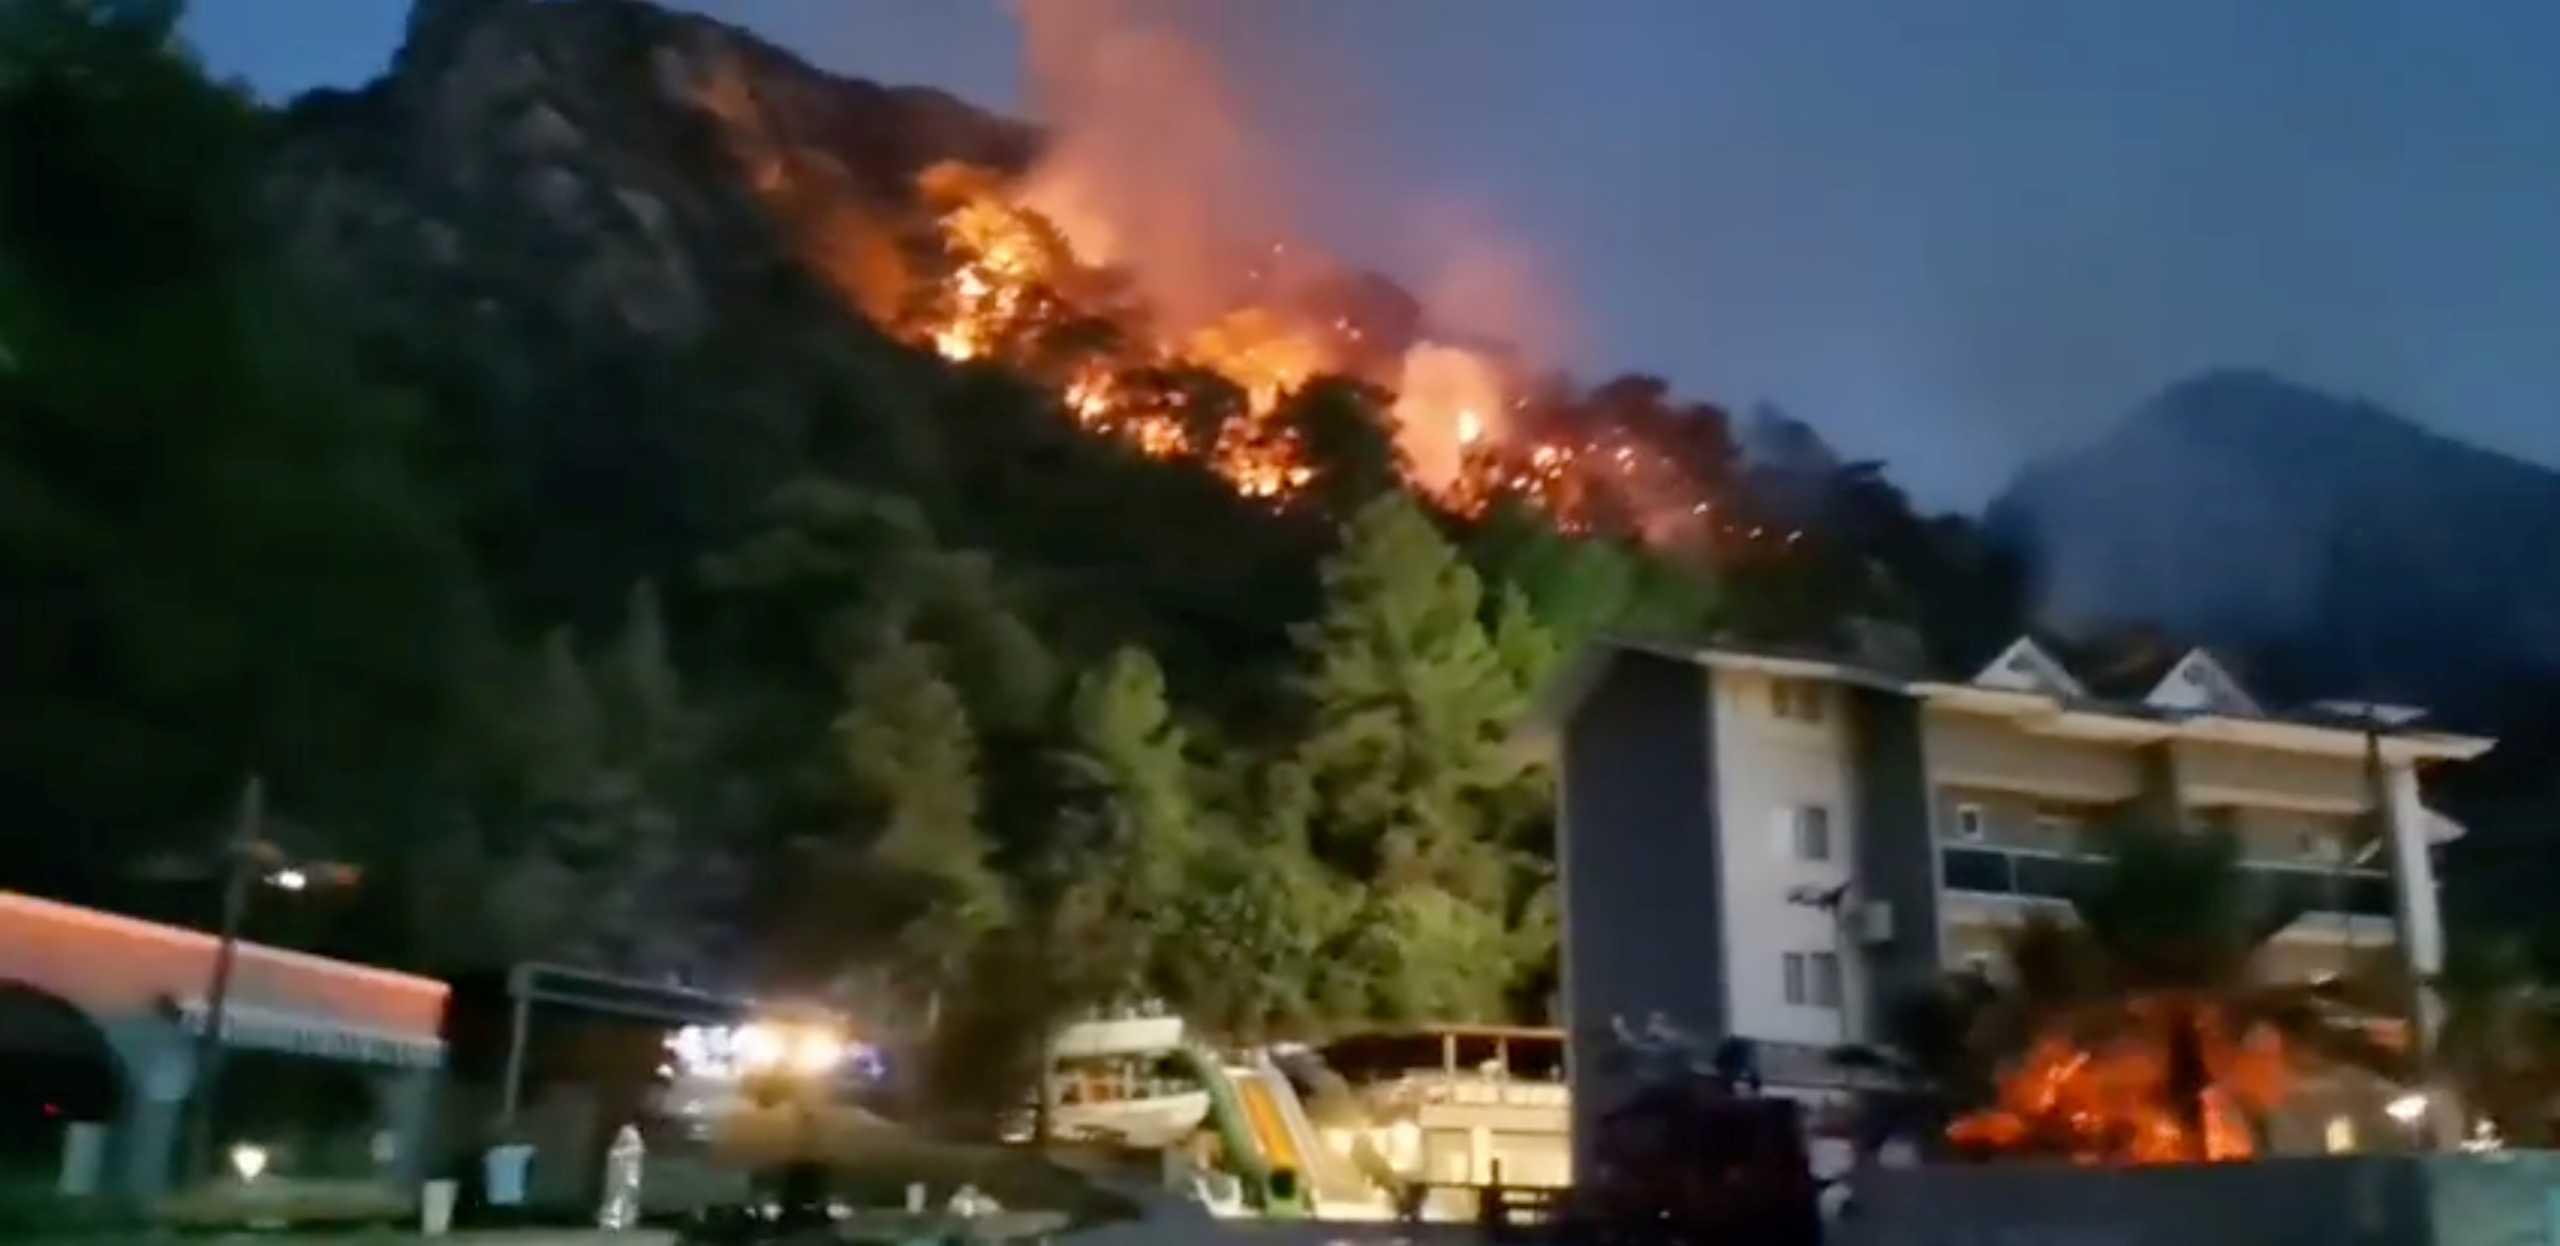 Τουρκία: Για πέμπτη μέρα οι φλόγες πολιορκούν παραλιακά θέρετρα – στους 8 οι νεκροί